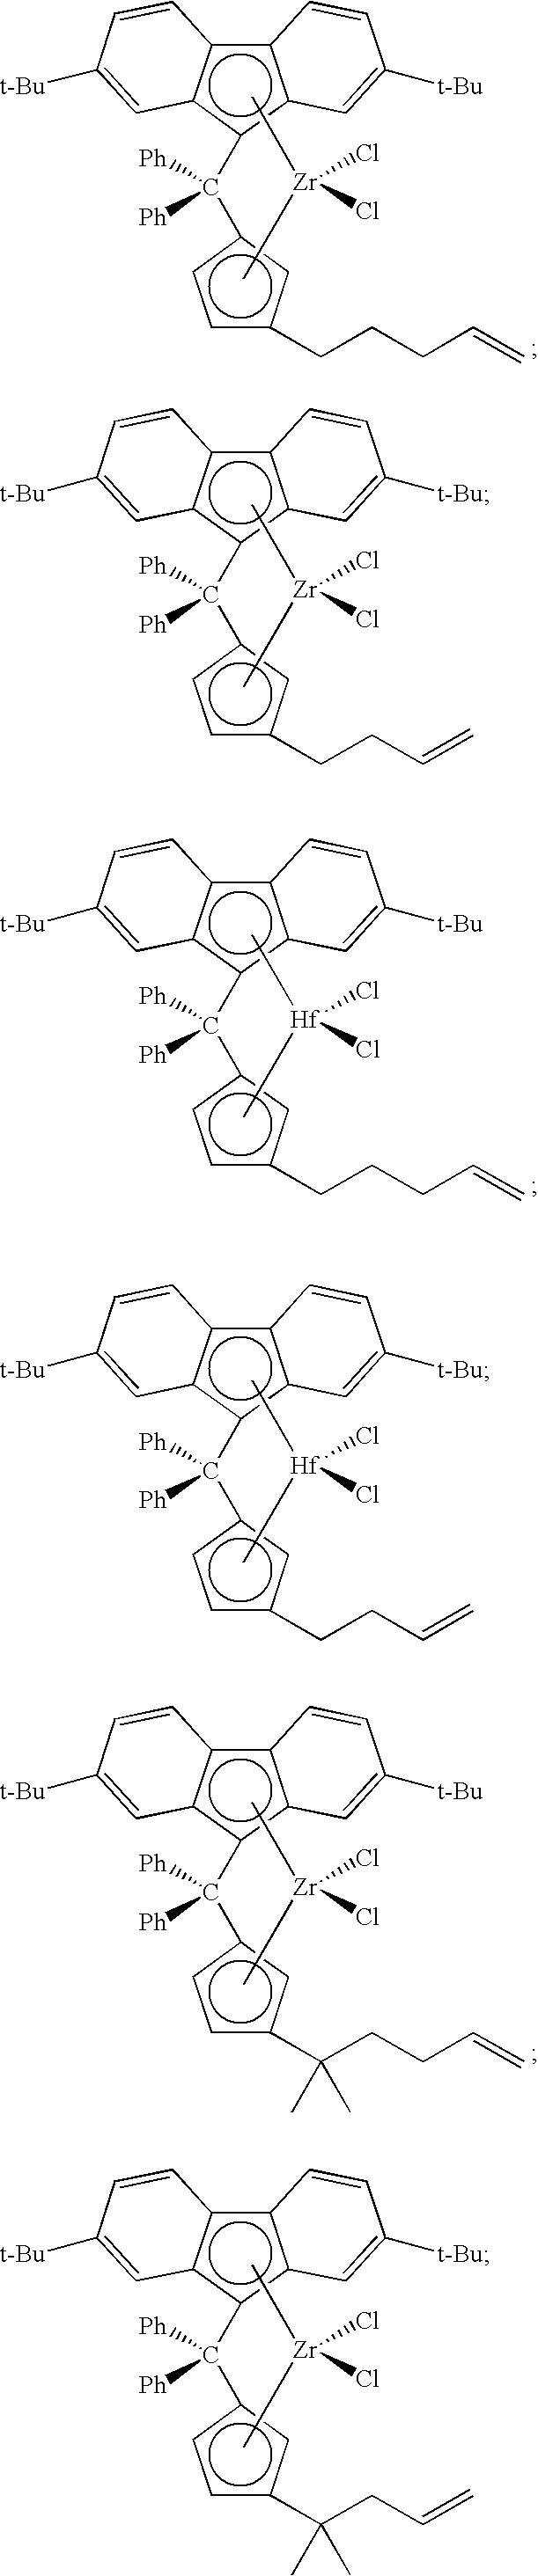 Figure US07884163-20110208-C00001